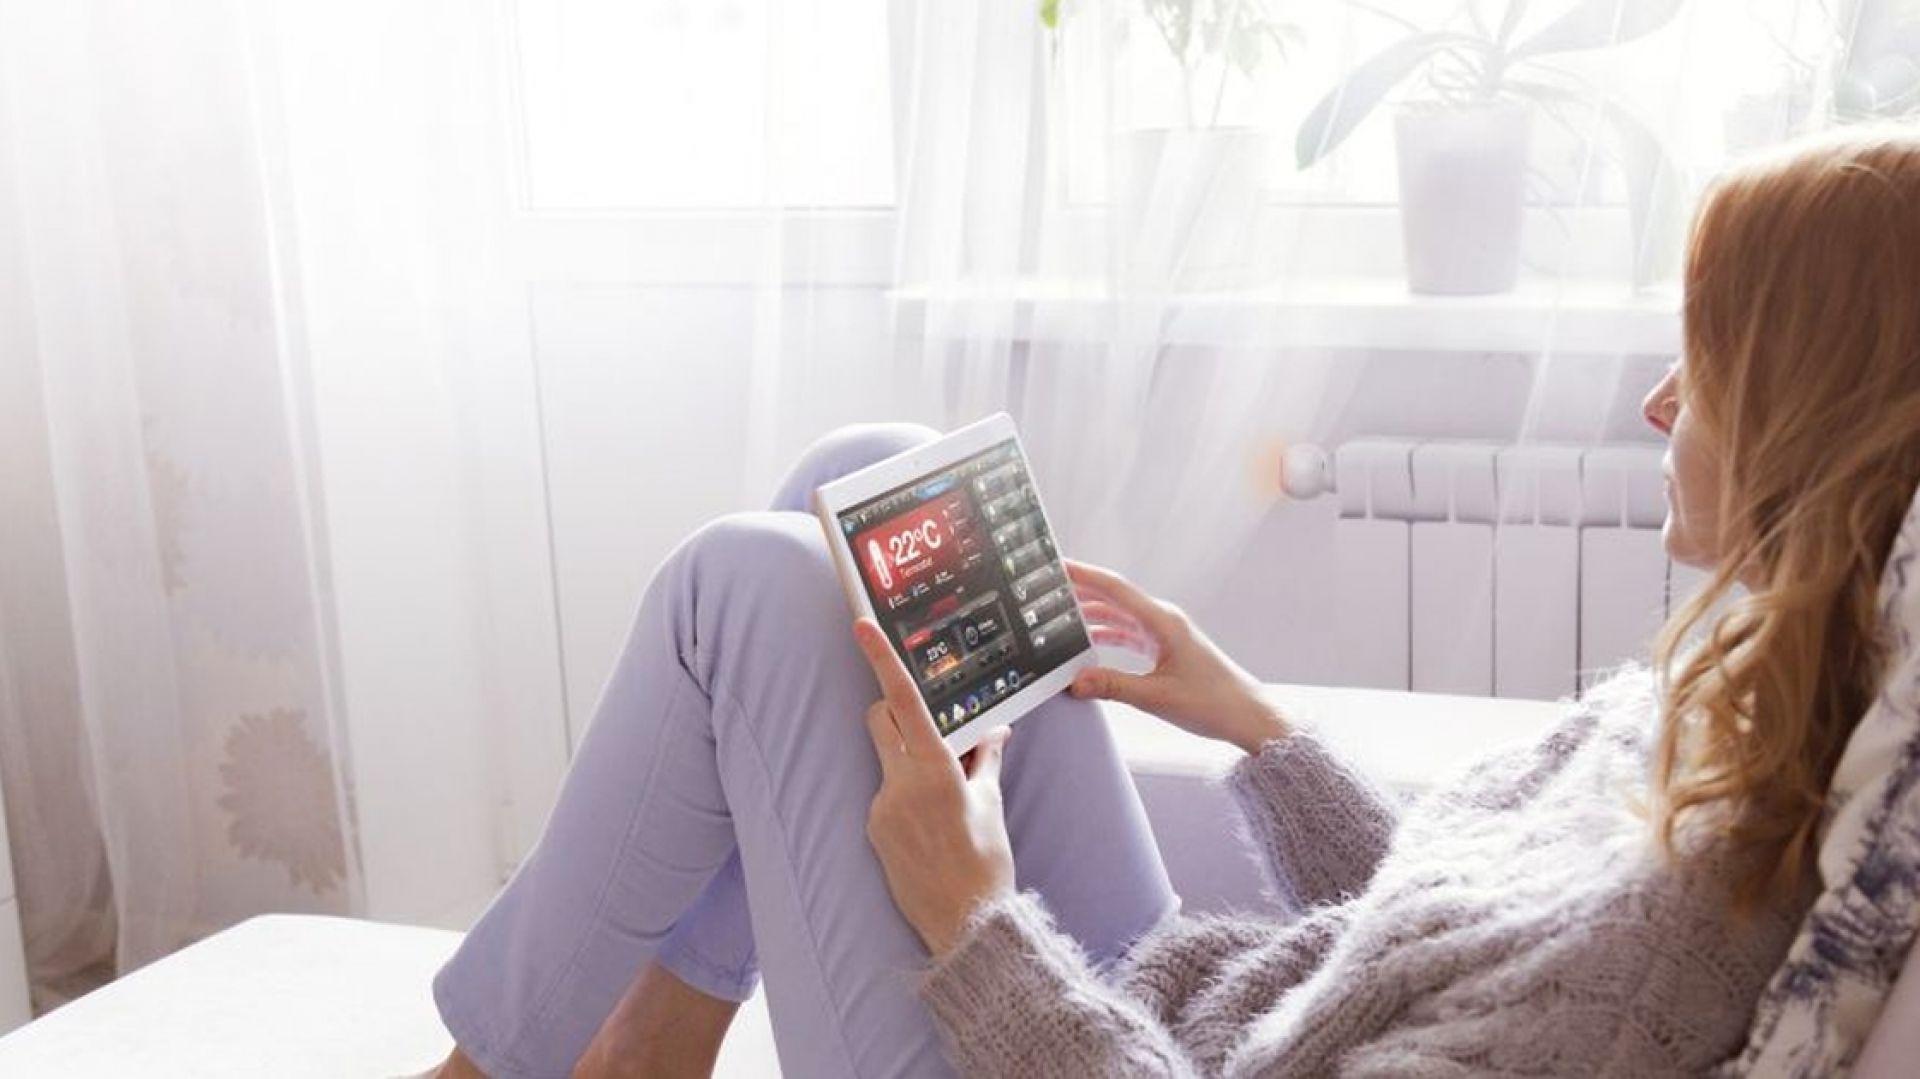 Systemy inteligentnego domu troszczą się o jak najlepsze oświetlenie w domu i dbają o optymalną temperaturę, pozwalając przy tym uzyskać realne oszczędności. Fot. Fibaro